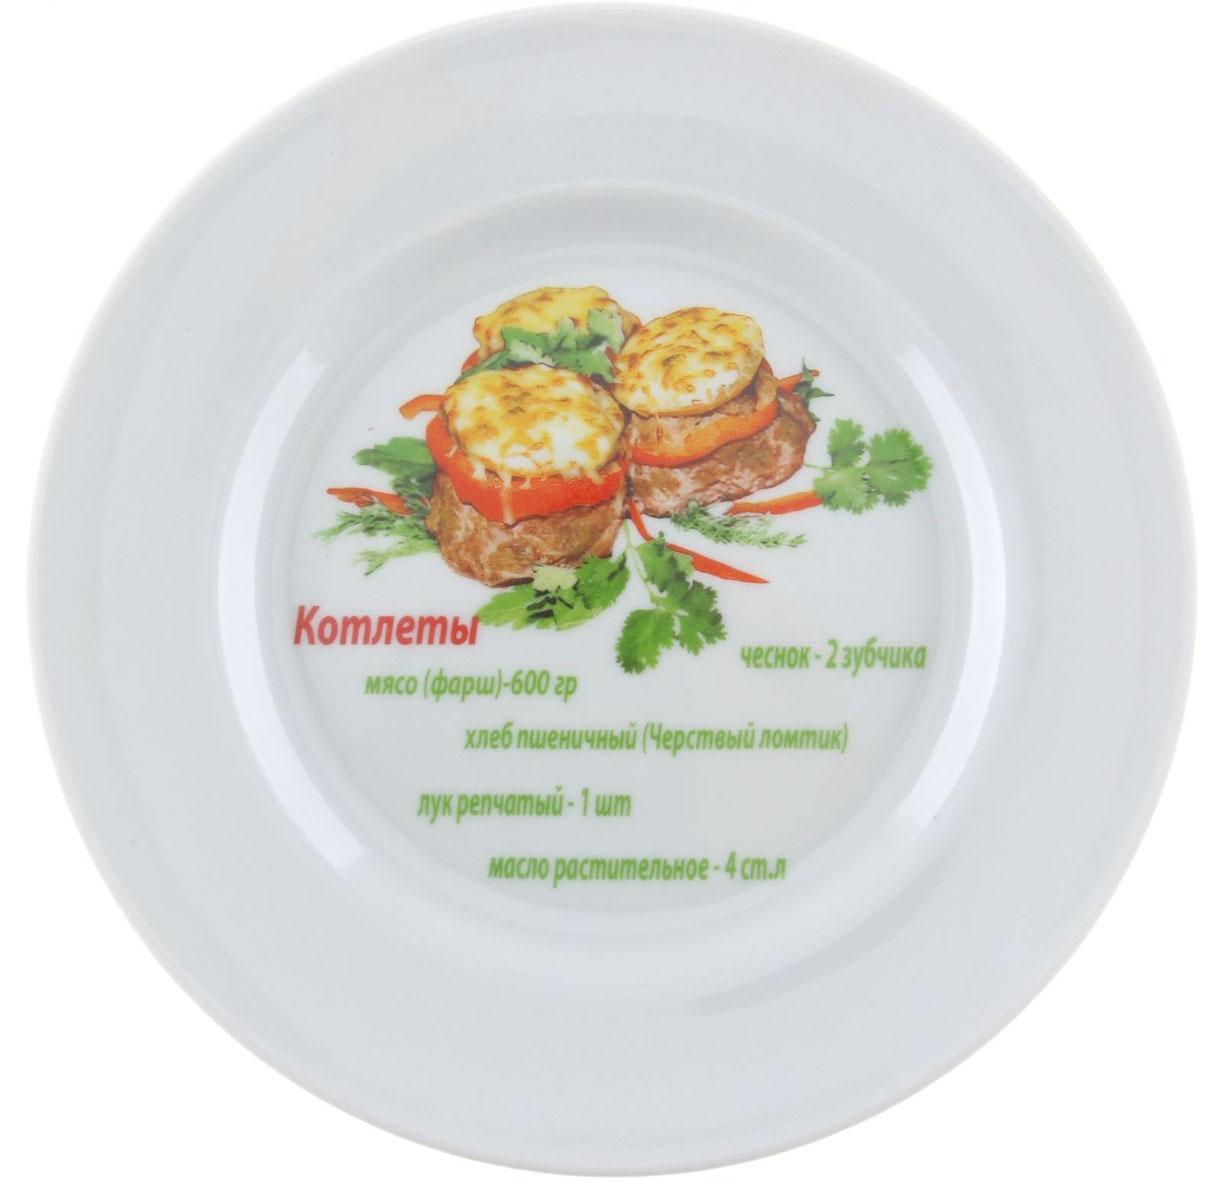 Тарелка Идиллия. Рецепты, диаметр 20 см115510Тарелка Идиллия. Рецепты выполнена из высококачественного фарфора и украшена ярким изображением. Она прекрасно впишется в интерьер вашей кухни и станет достойным дополнением к кухонному инвентарю. Тарелка Идиллия. Рецепты подчеркнет прекрасный вкус хозяйки и станет отличным подарком.